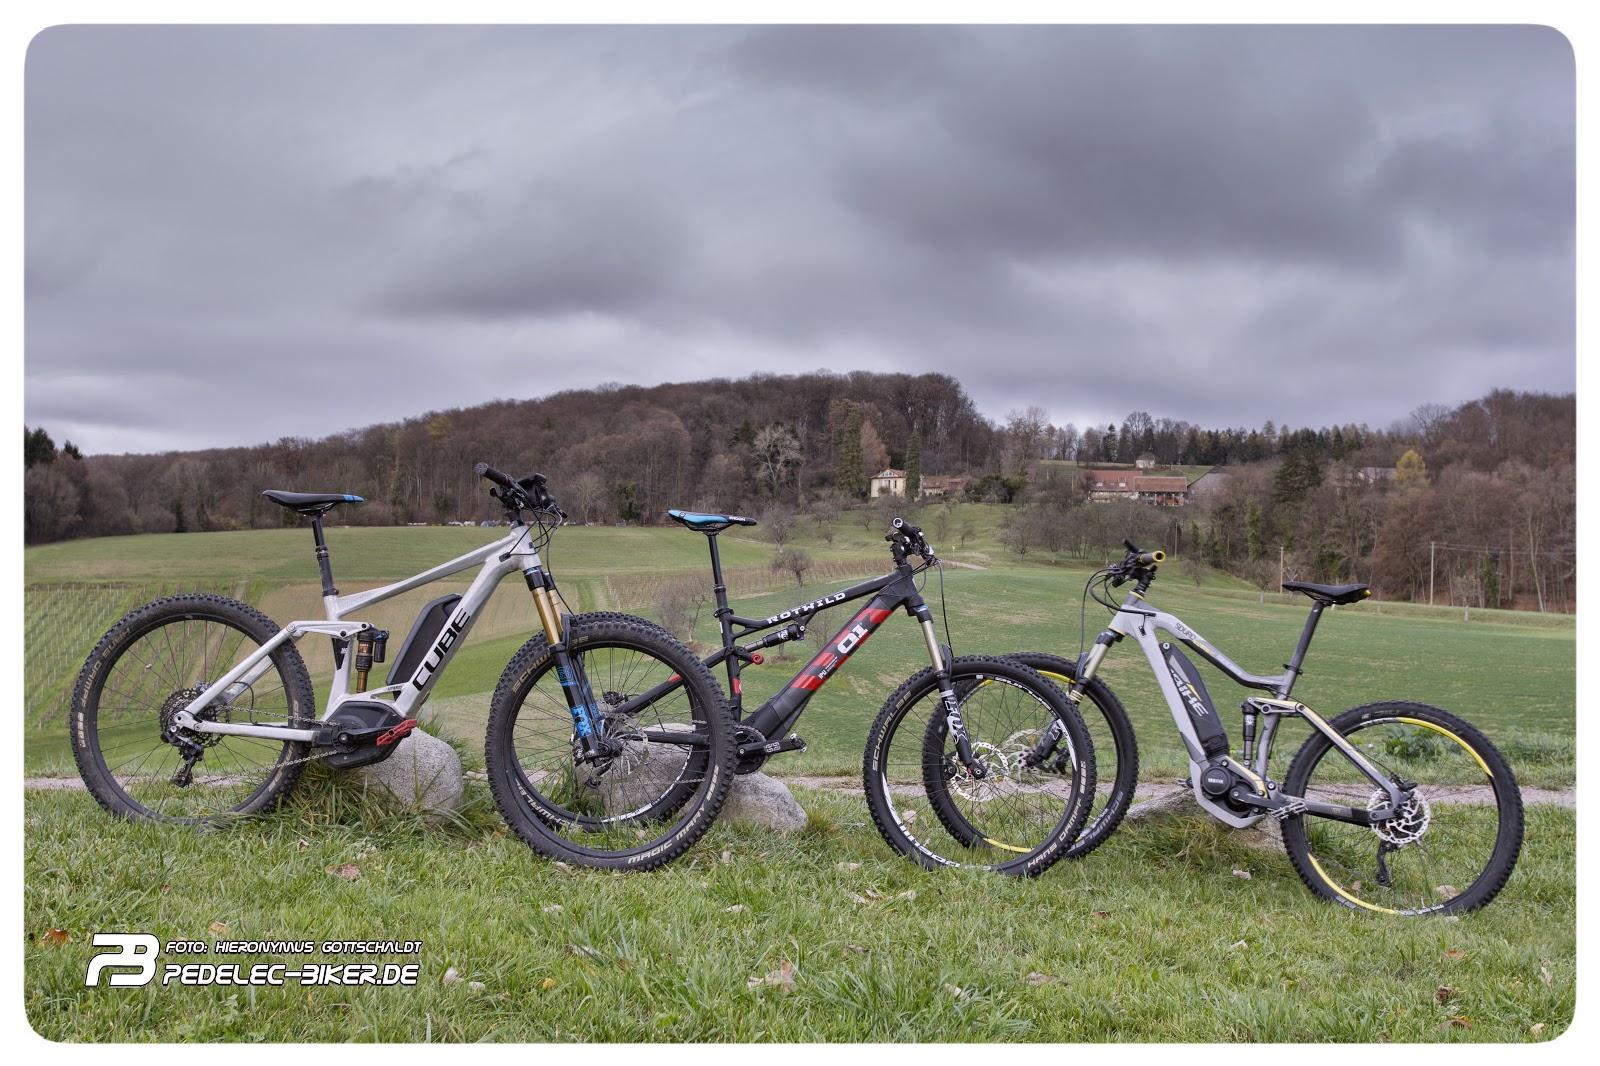 Pedelec-Biker de: Bosch - Brose - Yamaha im direkten